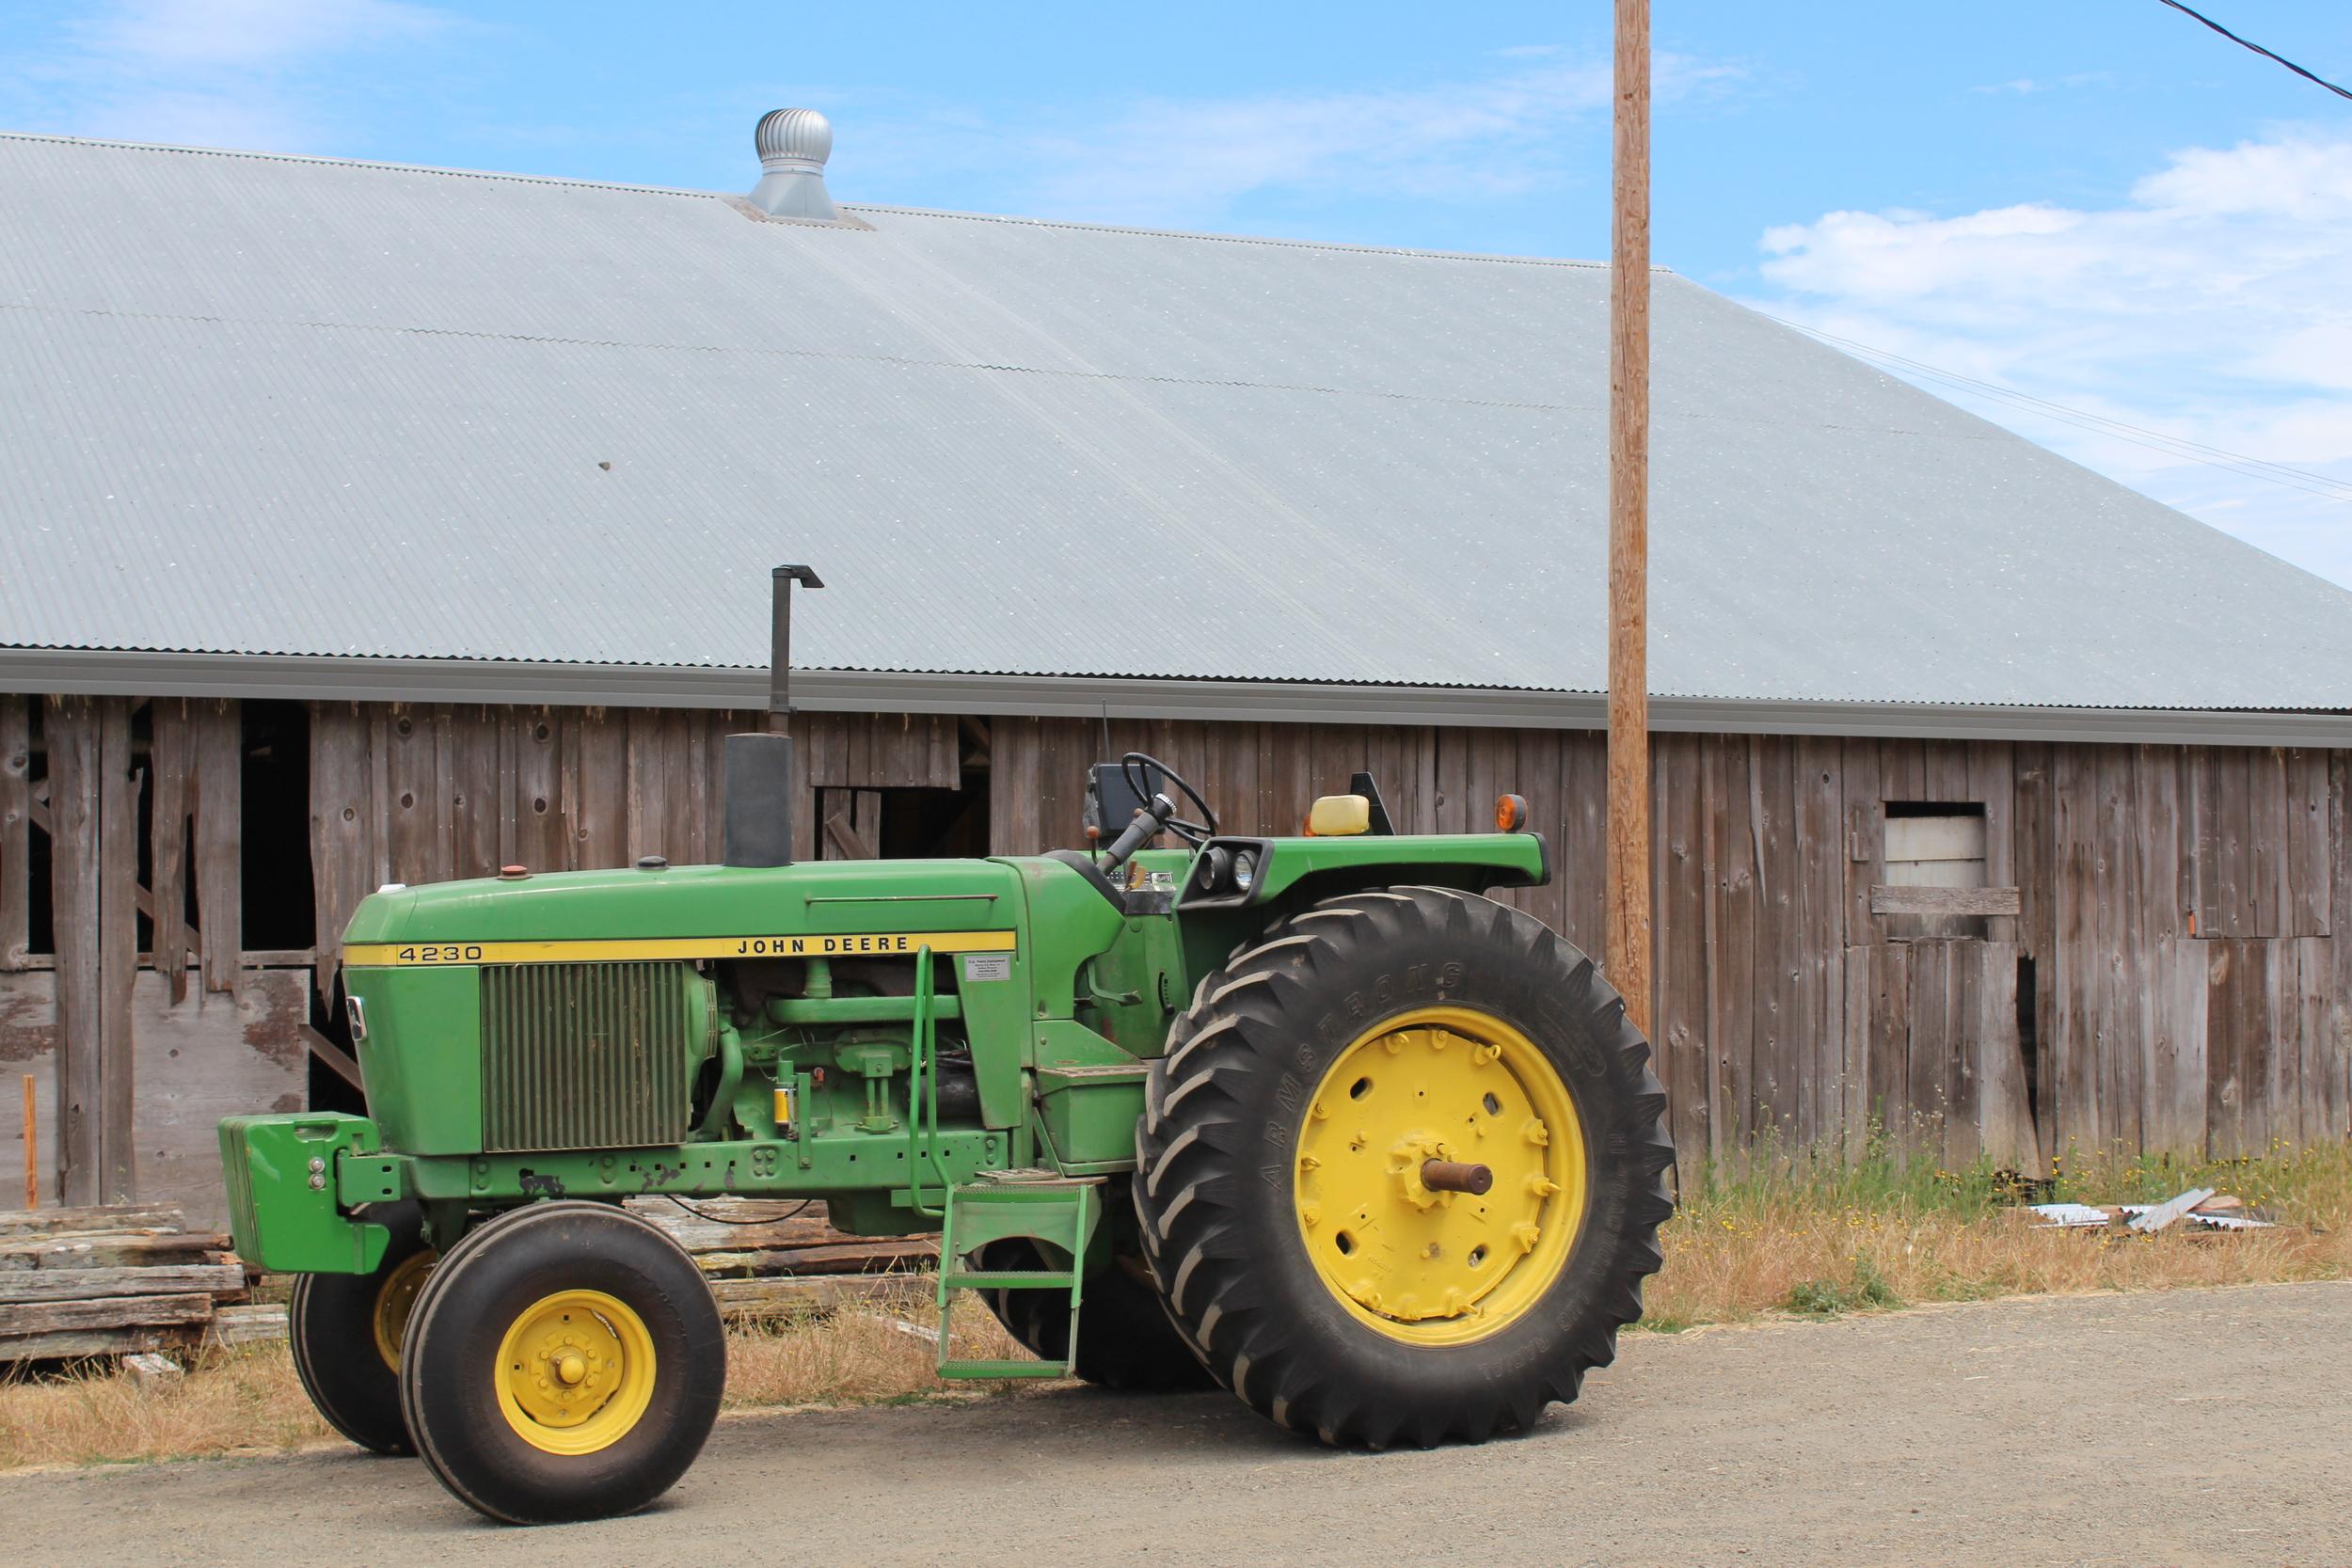 The new tractor: 1977 John Deere 4230